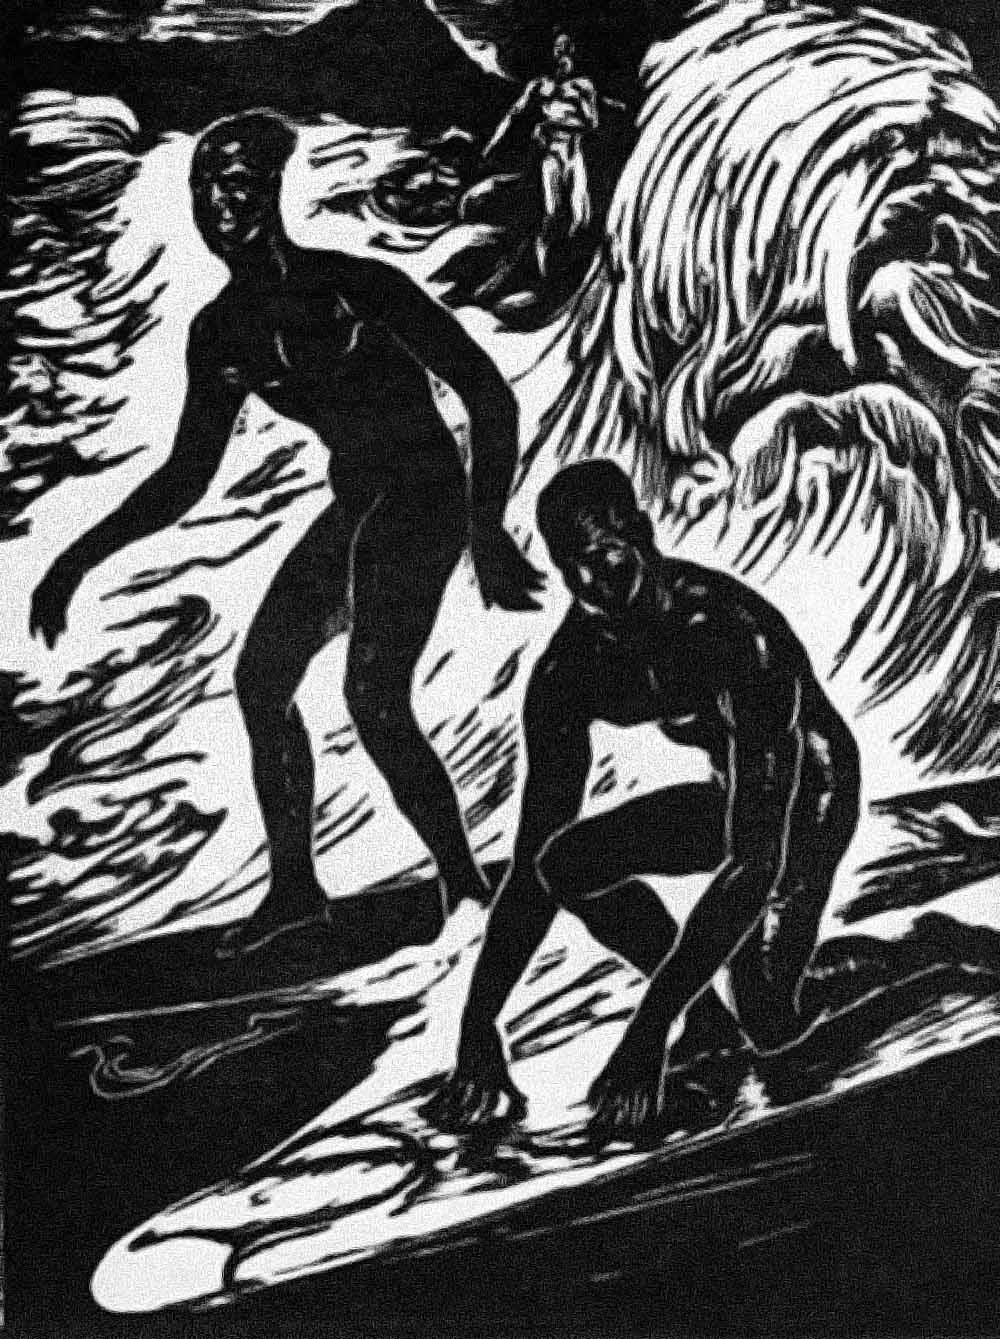 Ilustración de surfistas/Long days/Longboard